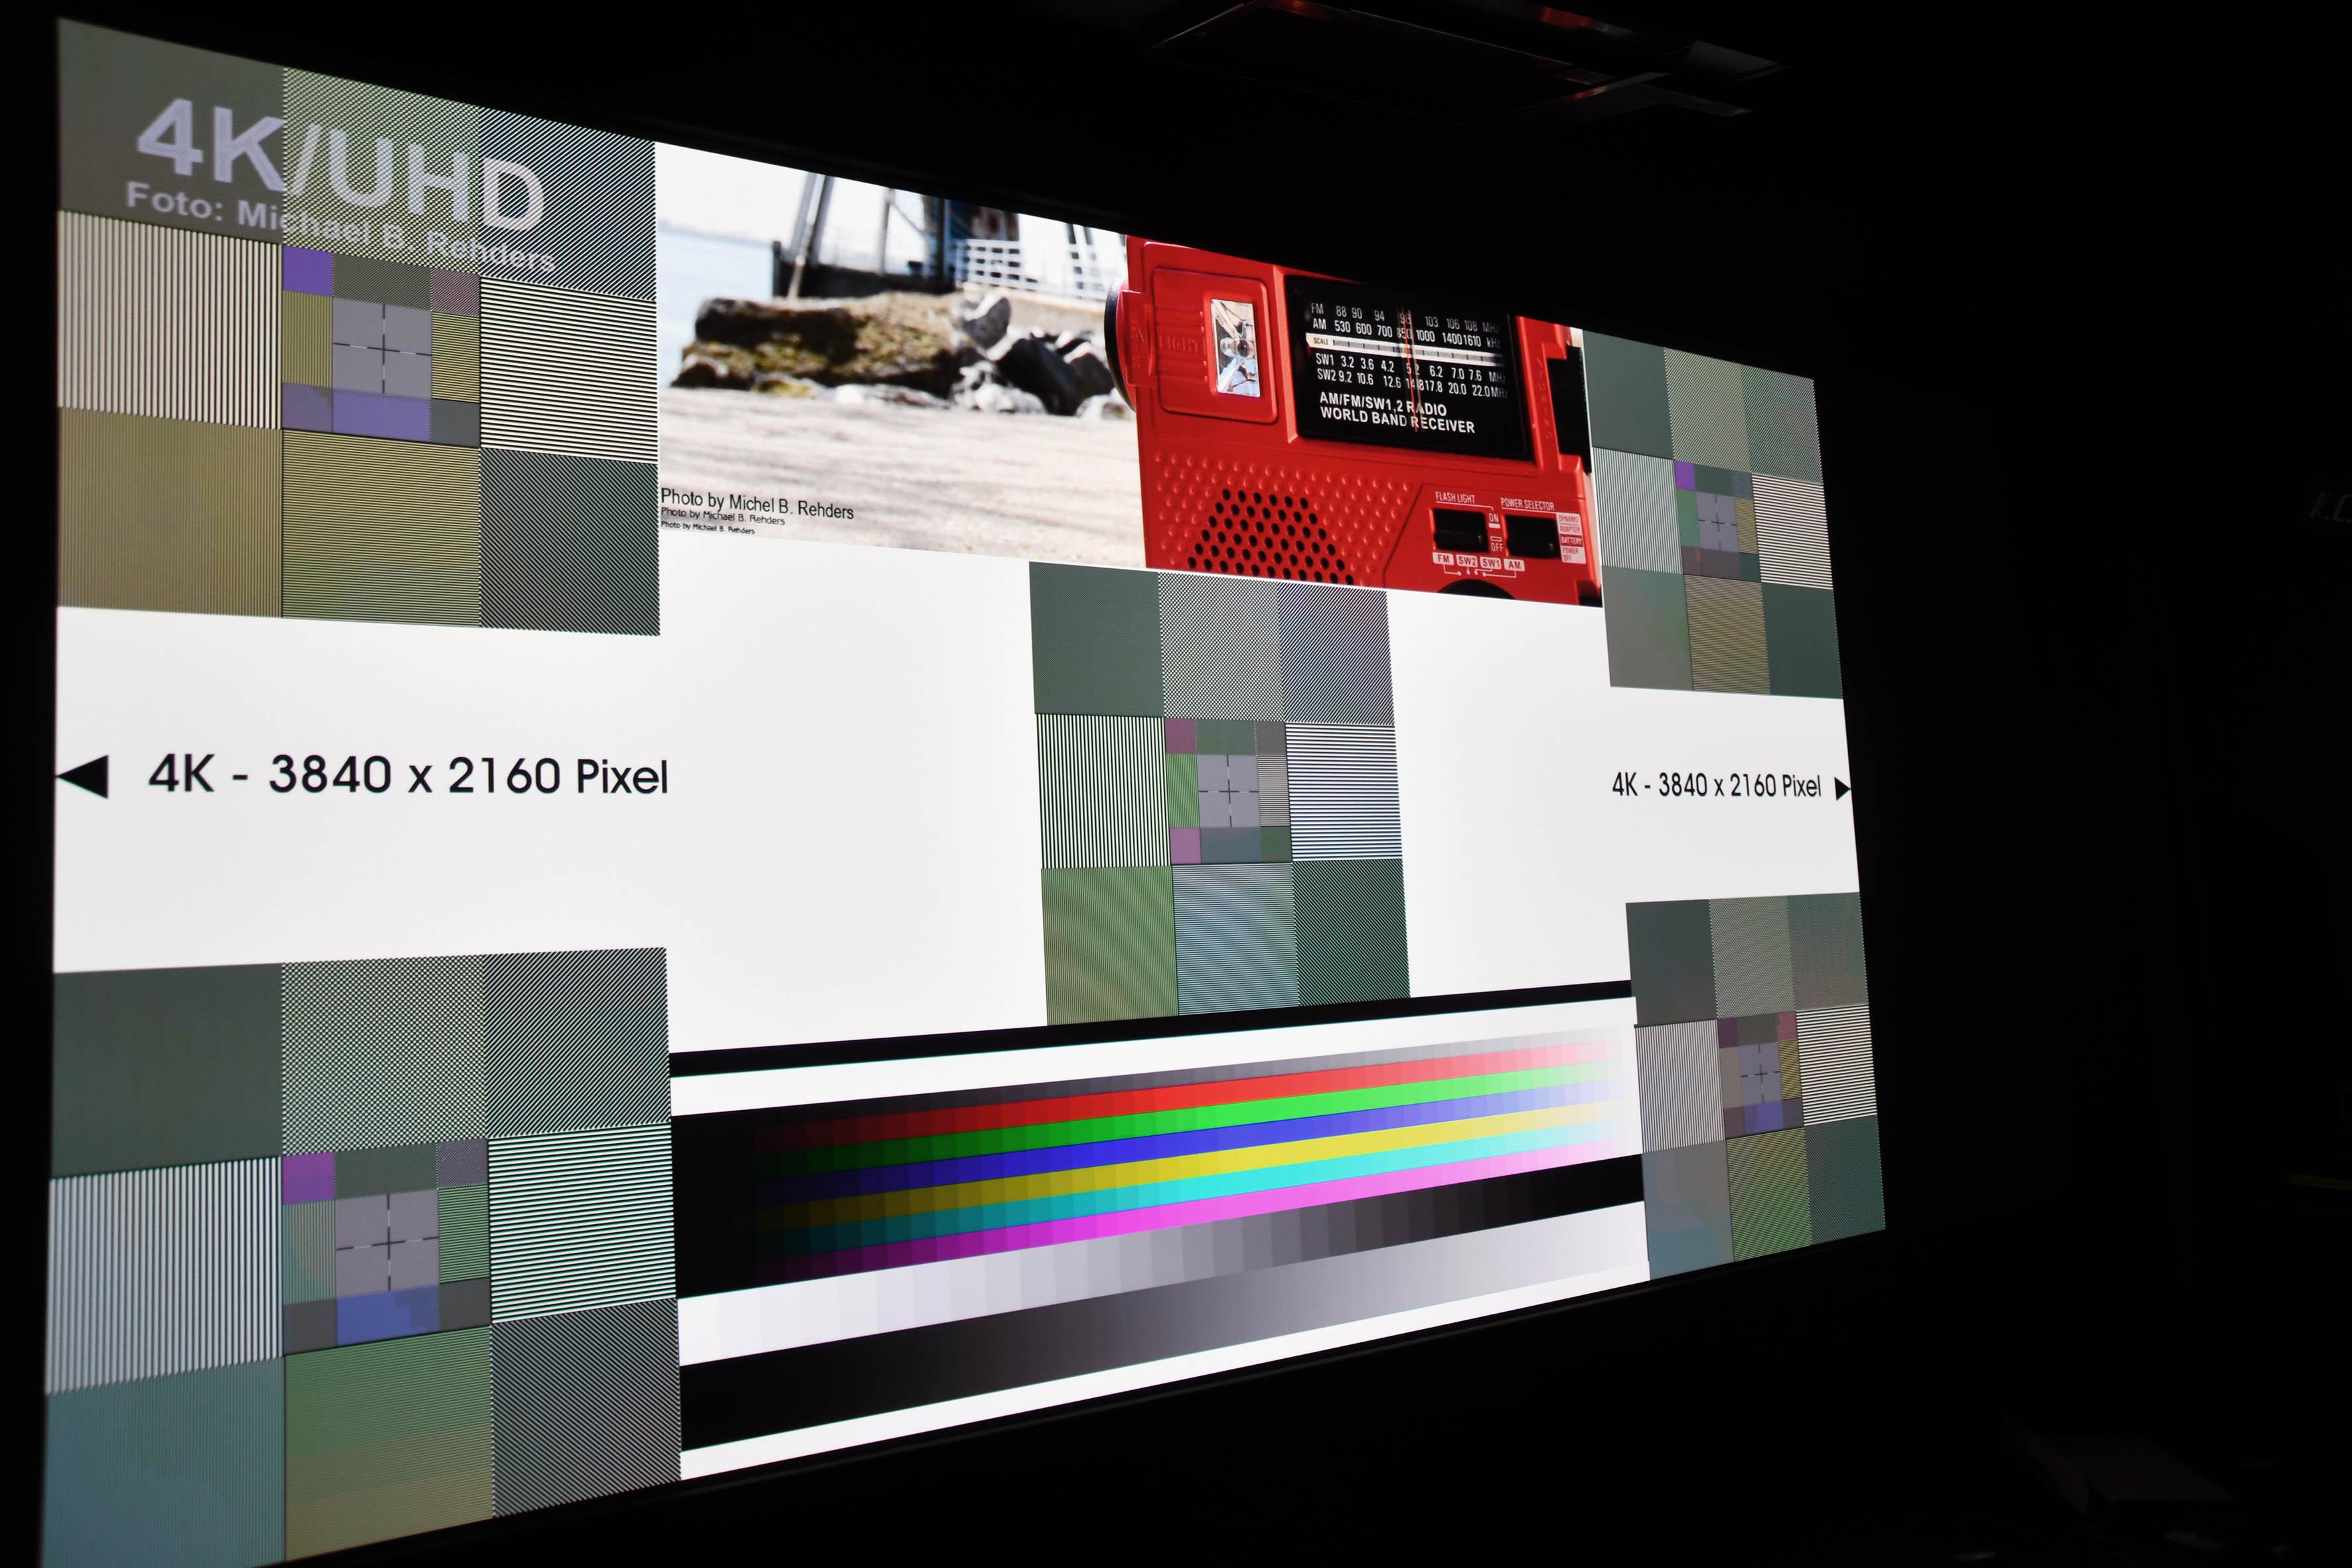 UHD-Pixelauflösung: Das Testbild mit 3840 x 2160 Pixel offenbart einen Fehler, der sich durch alle bisherigen 4K-Heimkinoprojektoren-Serien von Sony zieht. Das Testbild erscheint bunt, gleichwohl alle fünf quadratischen Einheiten aus Grauabstufungen bestehen.